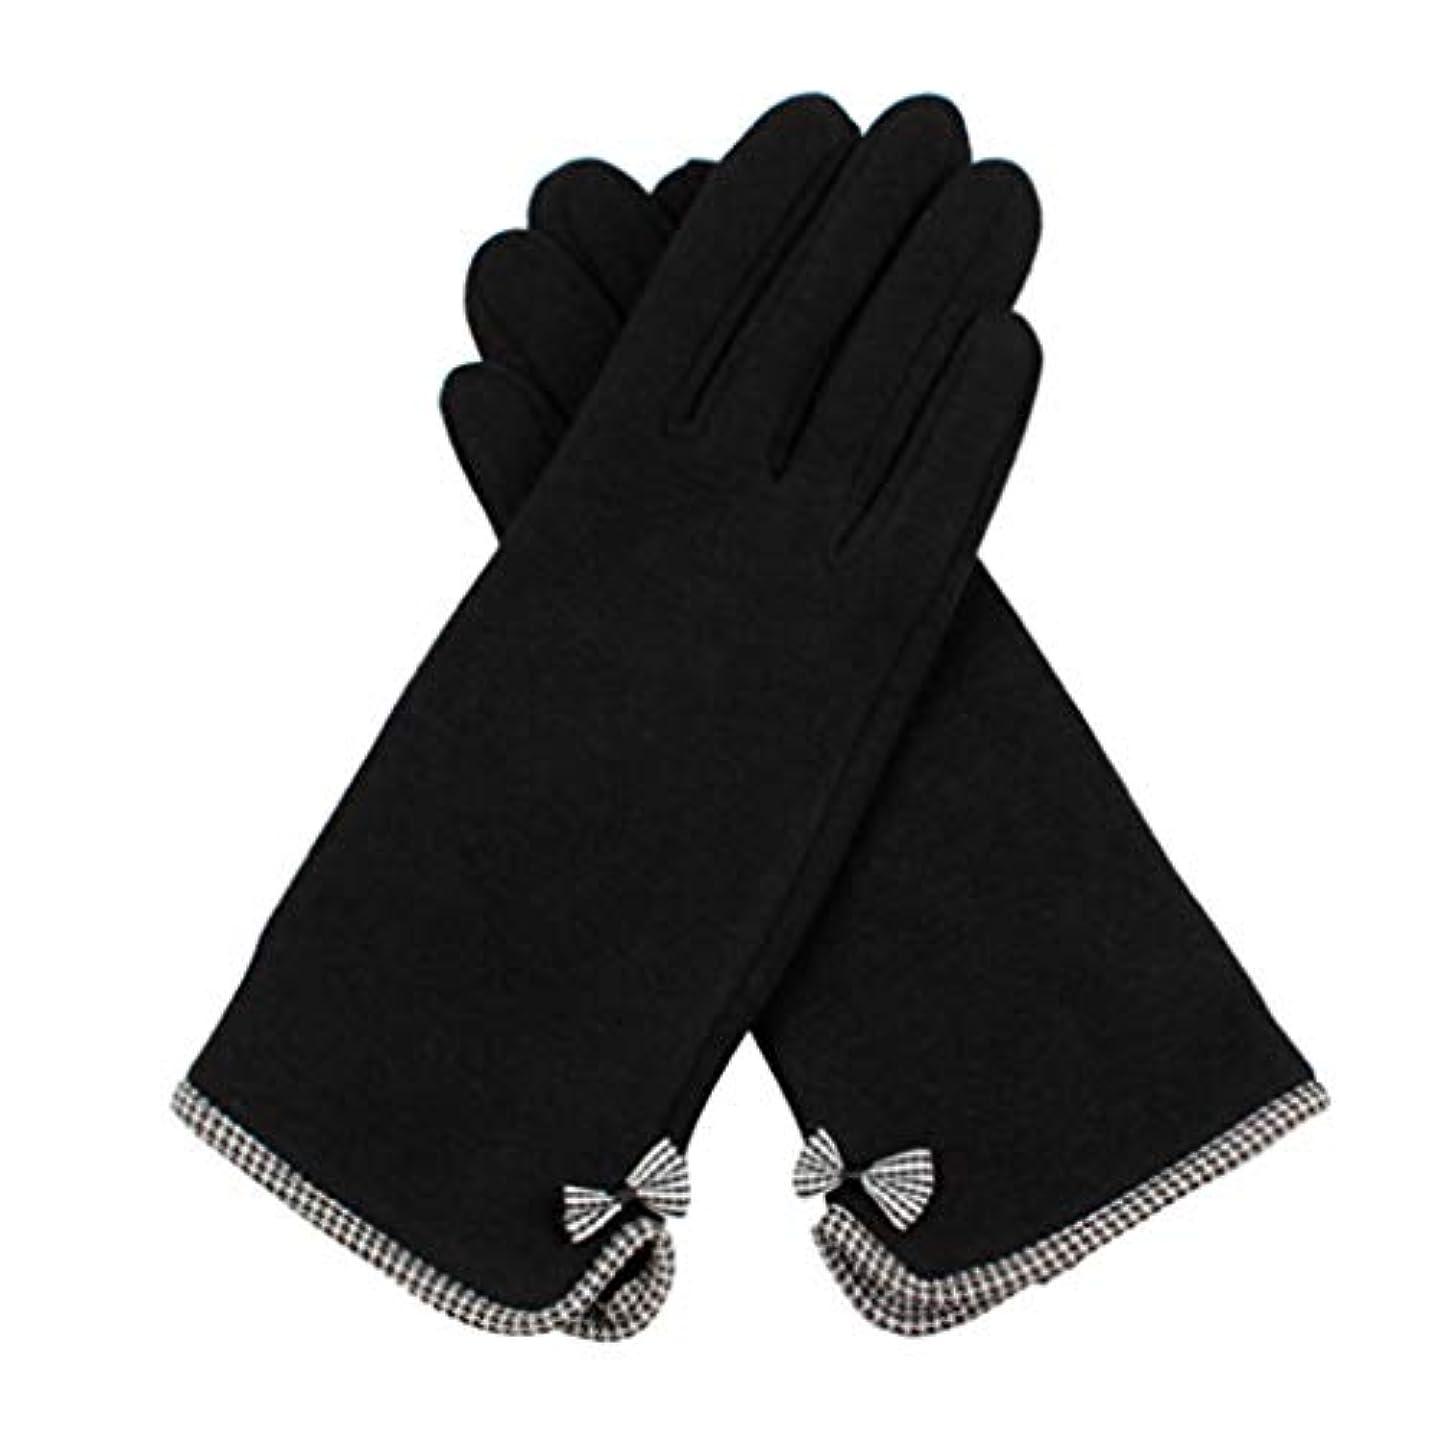 和解するあざ区別手袋女性の冬暖かい韓国語版蝶の結び目の学生ファッションスリムサイクリング運転女性の手袋 (色 : 黒)